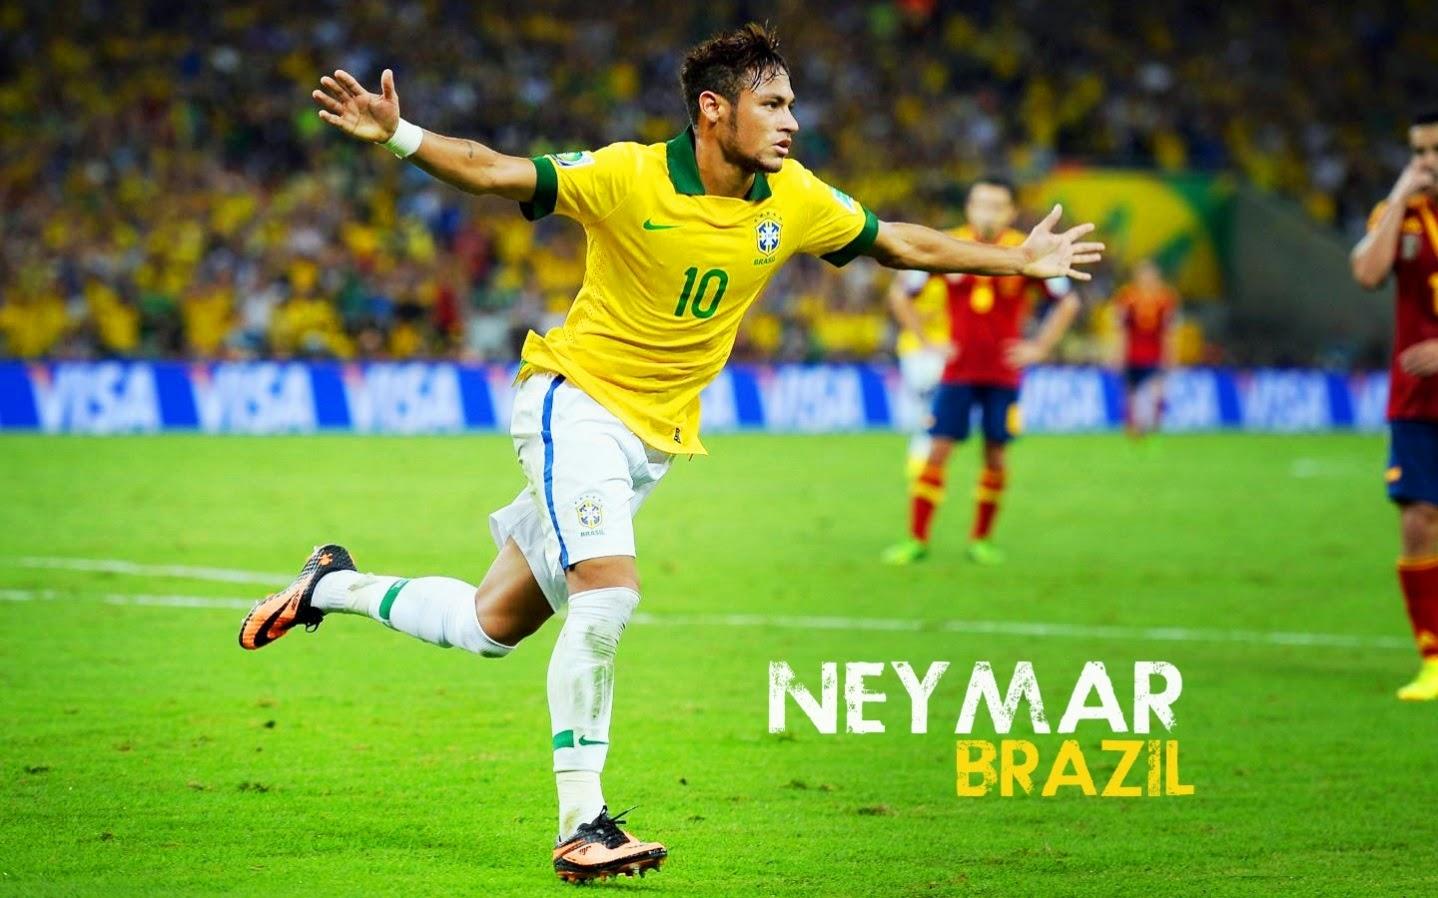 Brazil soccer wallpaper 2014